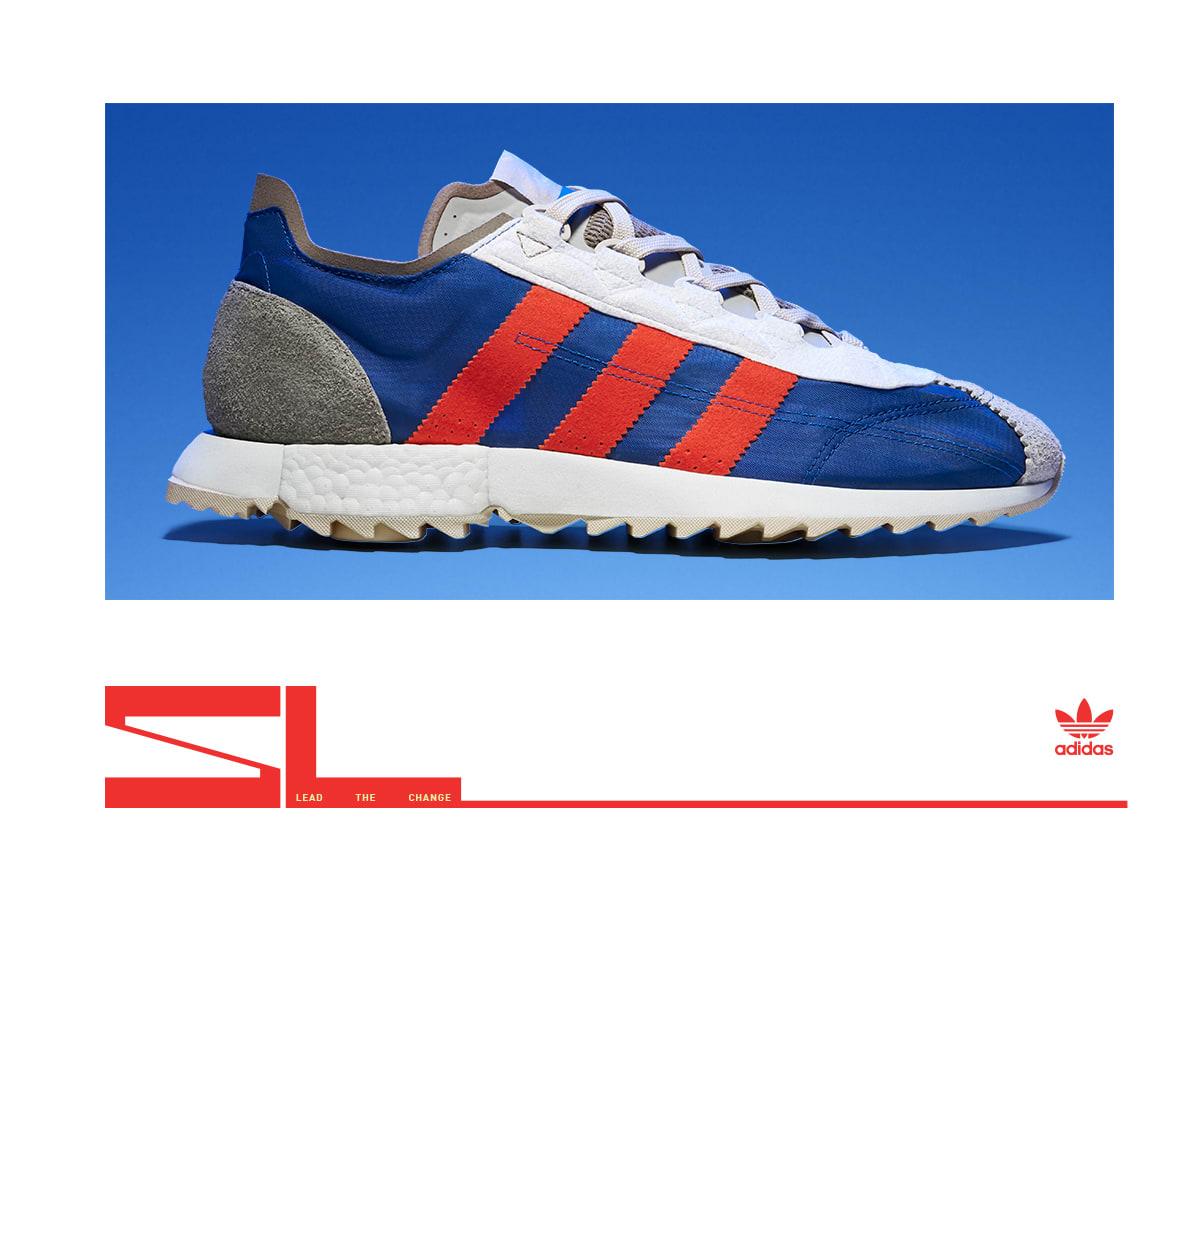 zapatos adidas originales mercadolibre colombia ltda